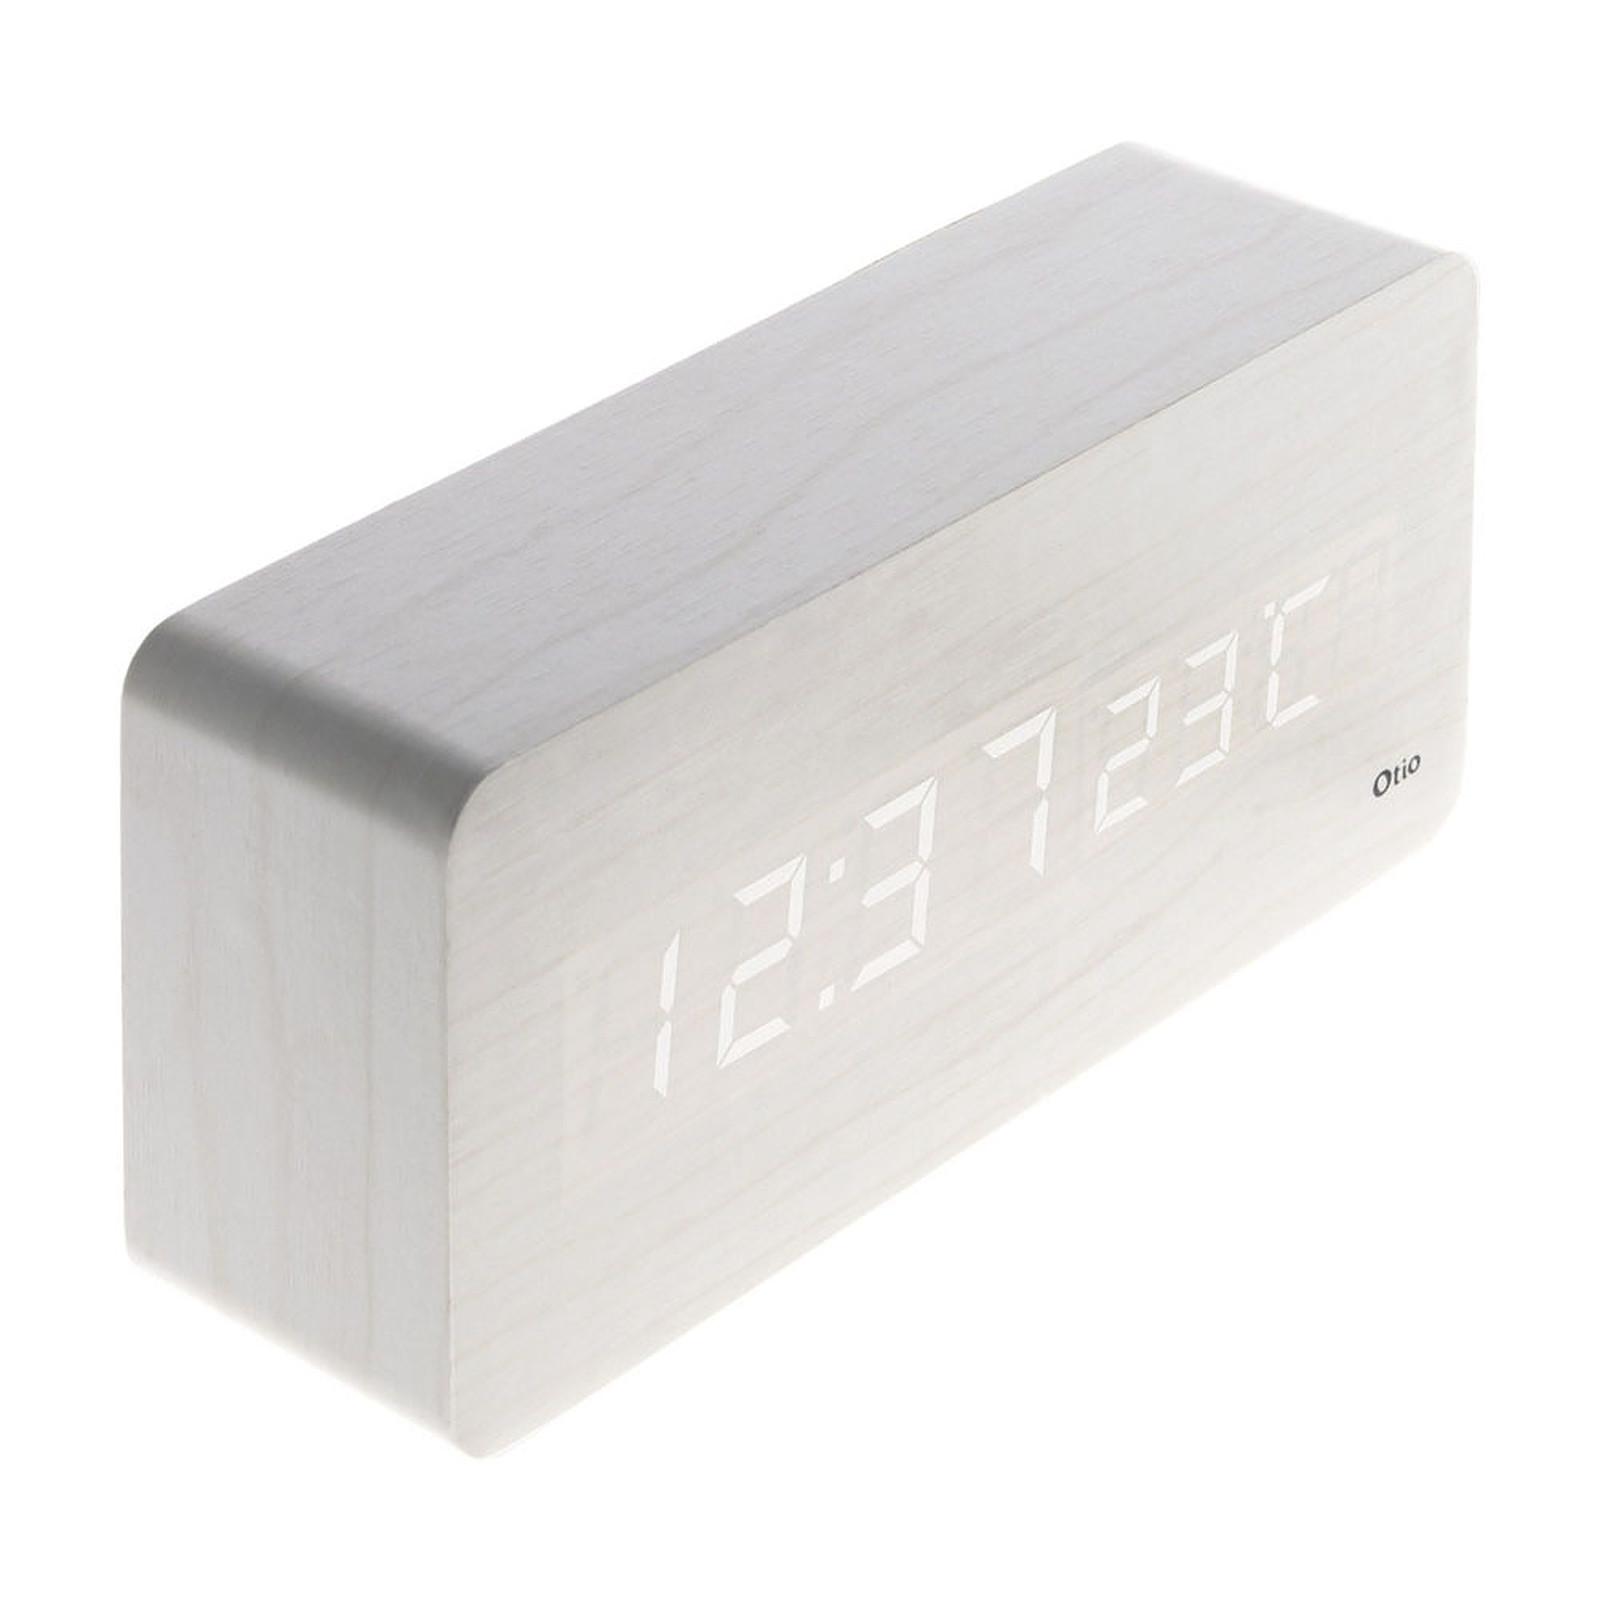 Otio Thermomètre lingot finition effet bois blanc cérusé